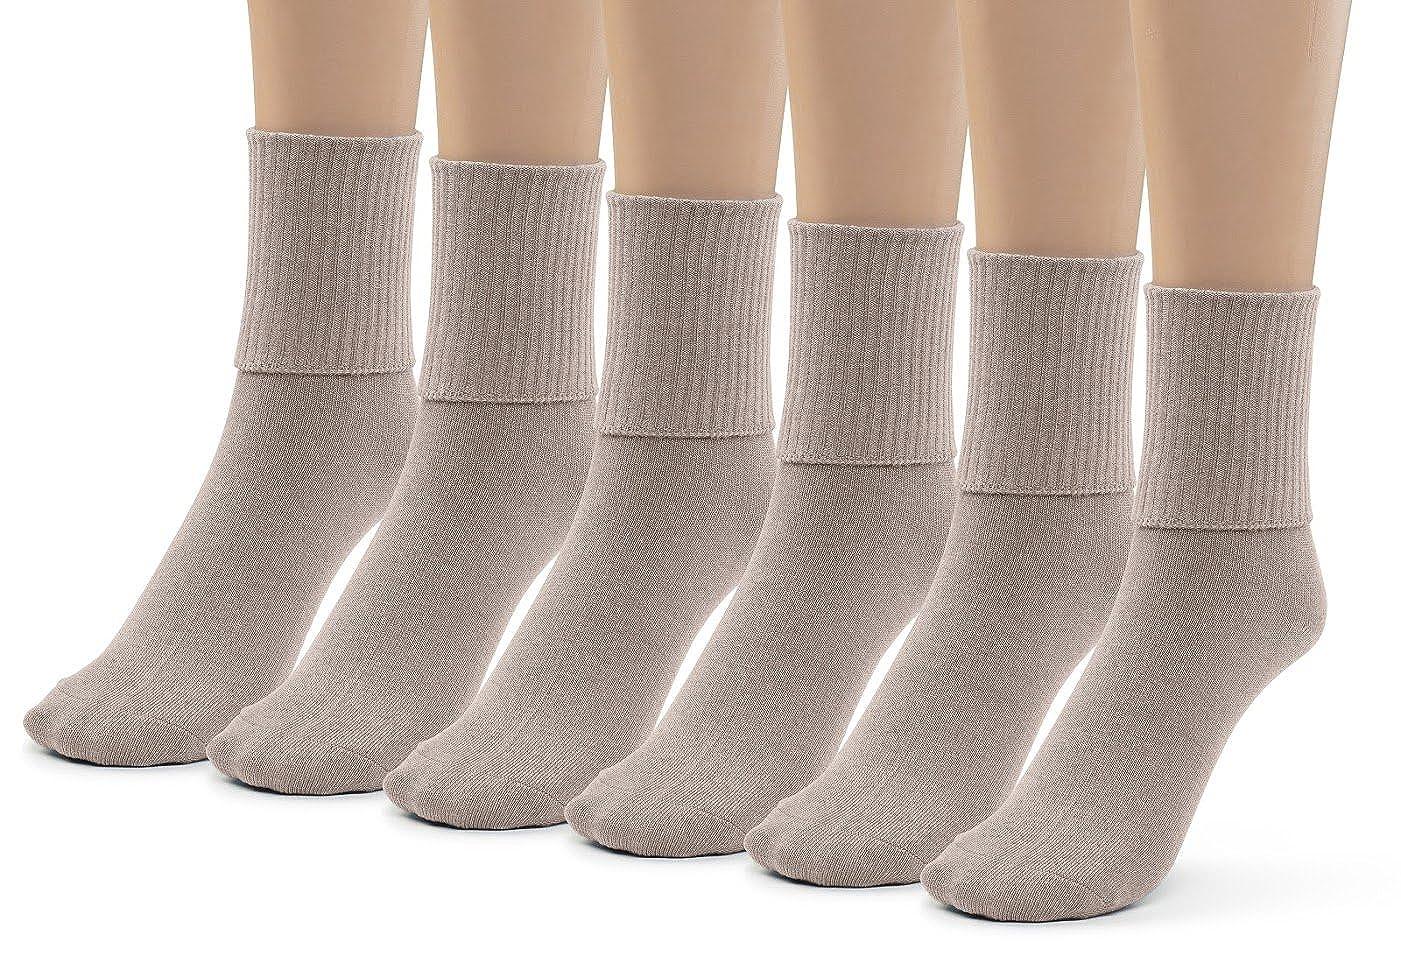 Triple Roll Dress Crew Socks Silky Toes 3 or 6 Pk Girls Boys Turn Cuff  Bamboo Casual Socks Socks & Tights Casual & Dress Socks